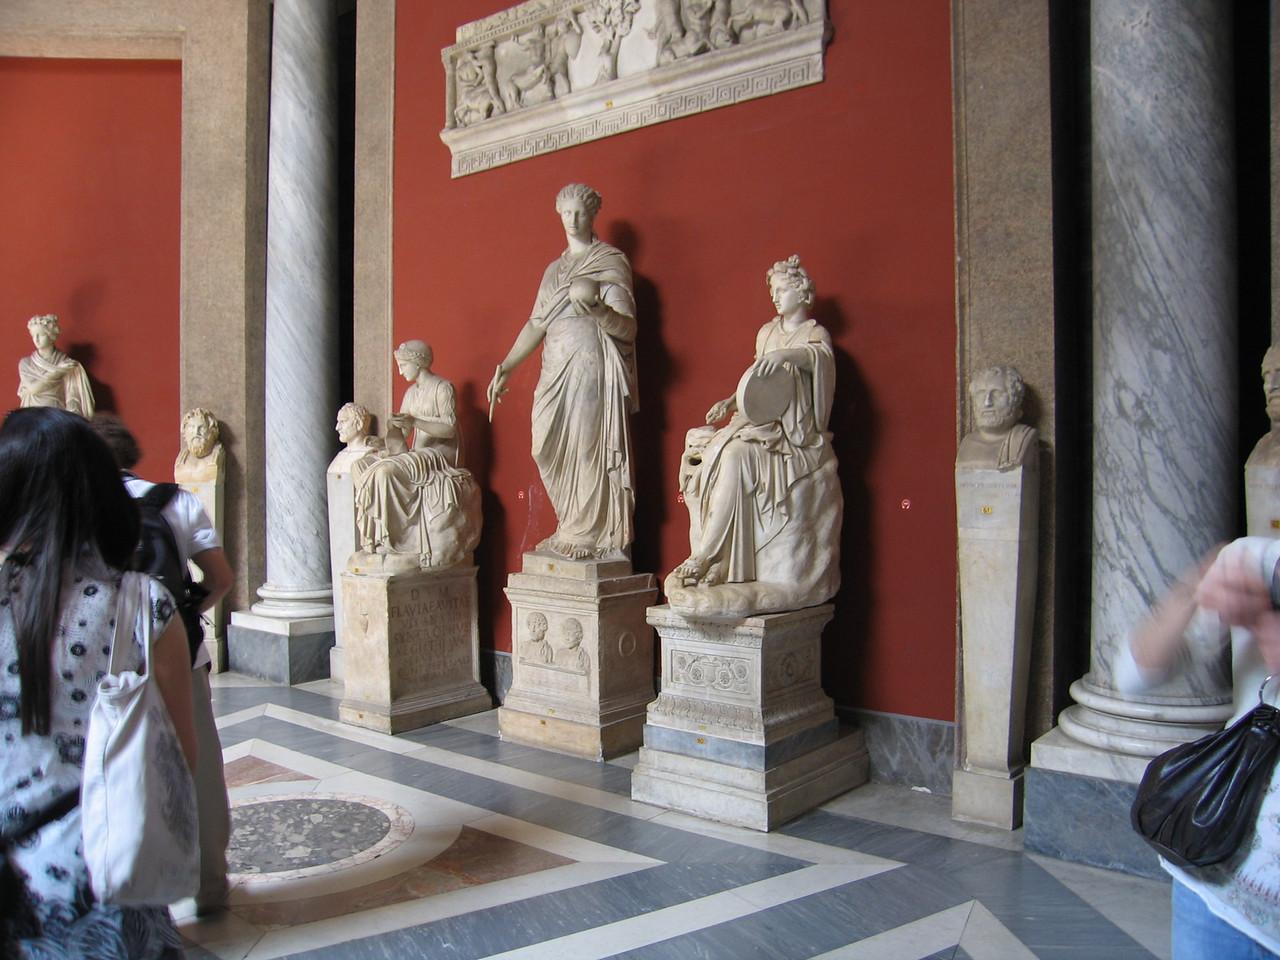 Sculptures in the Vatican museum.